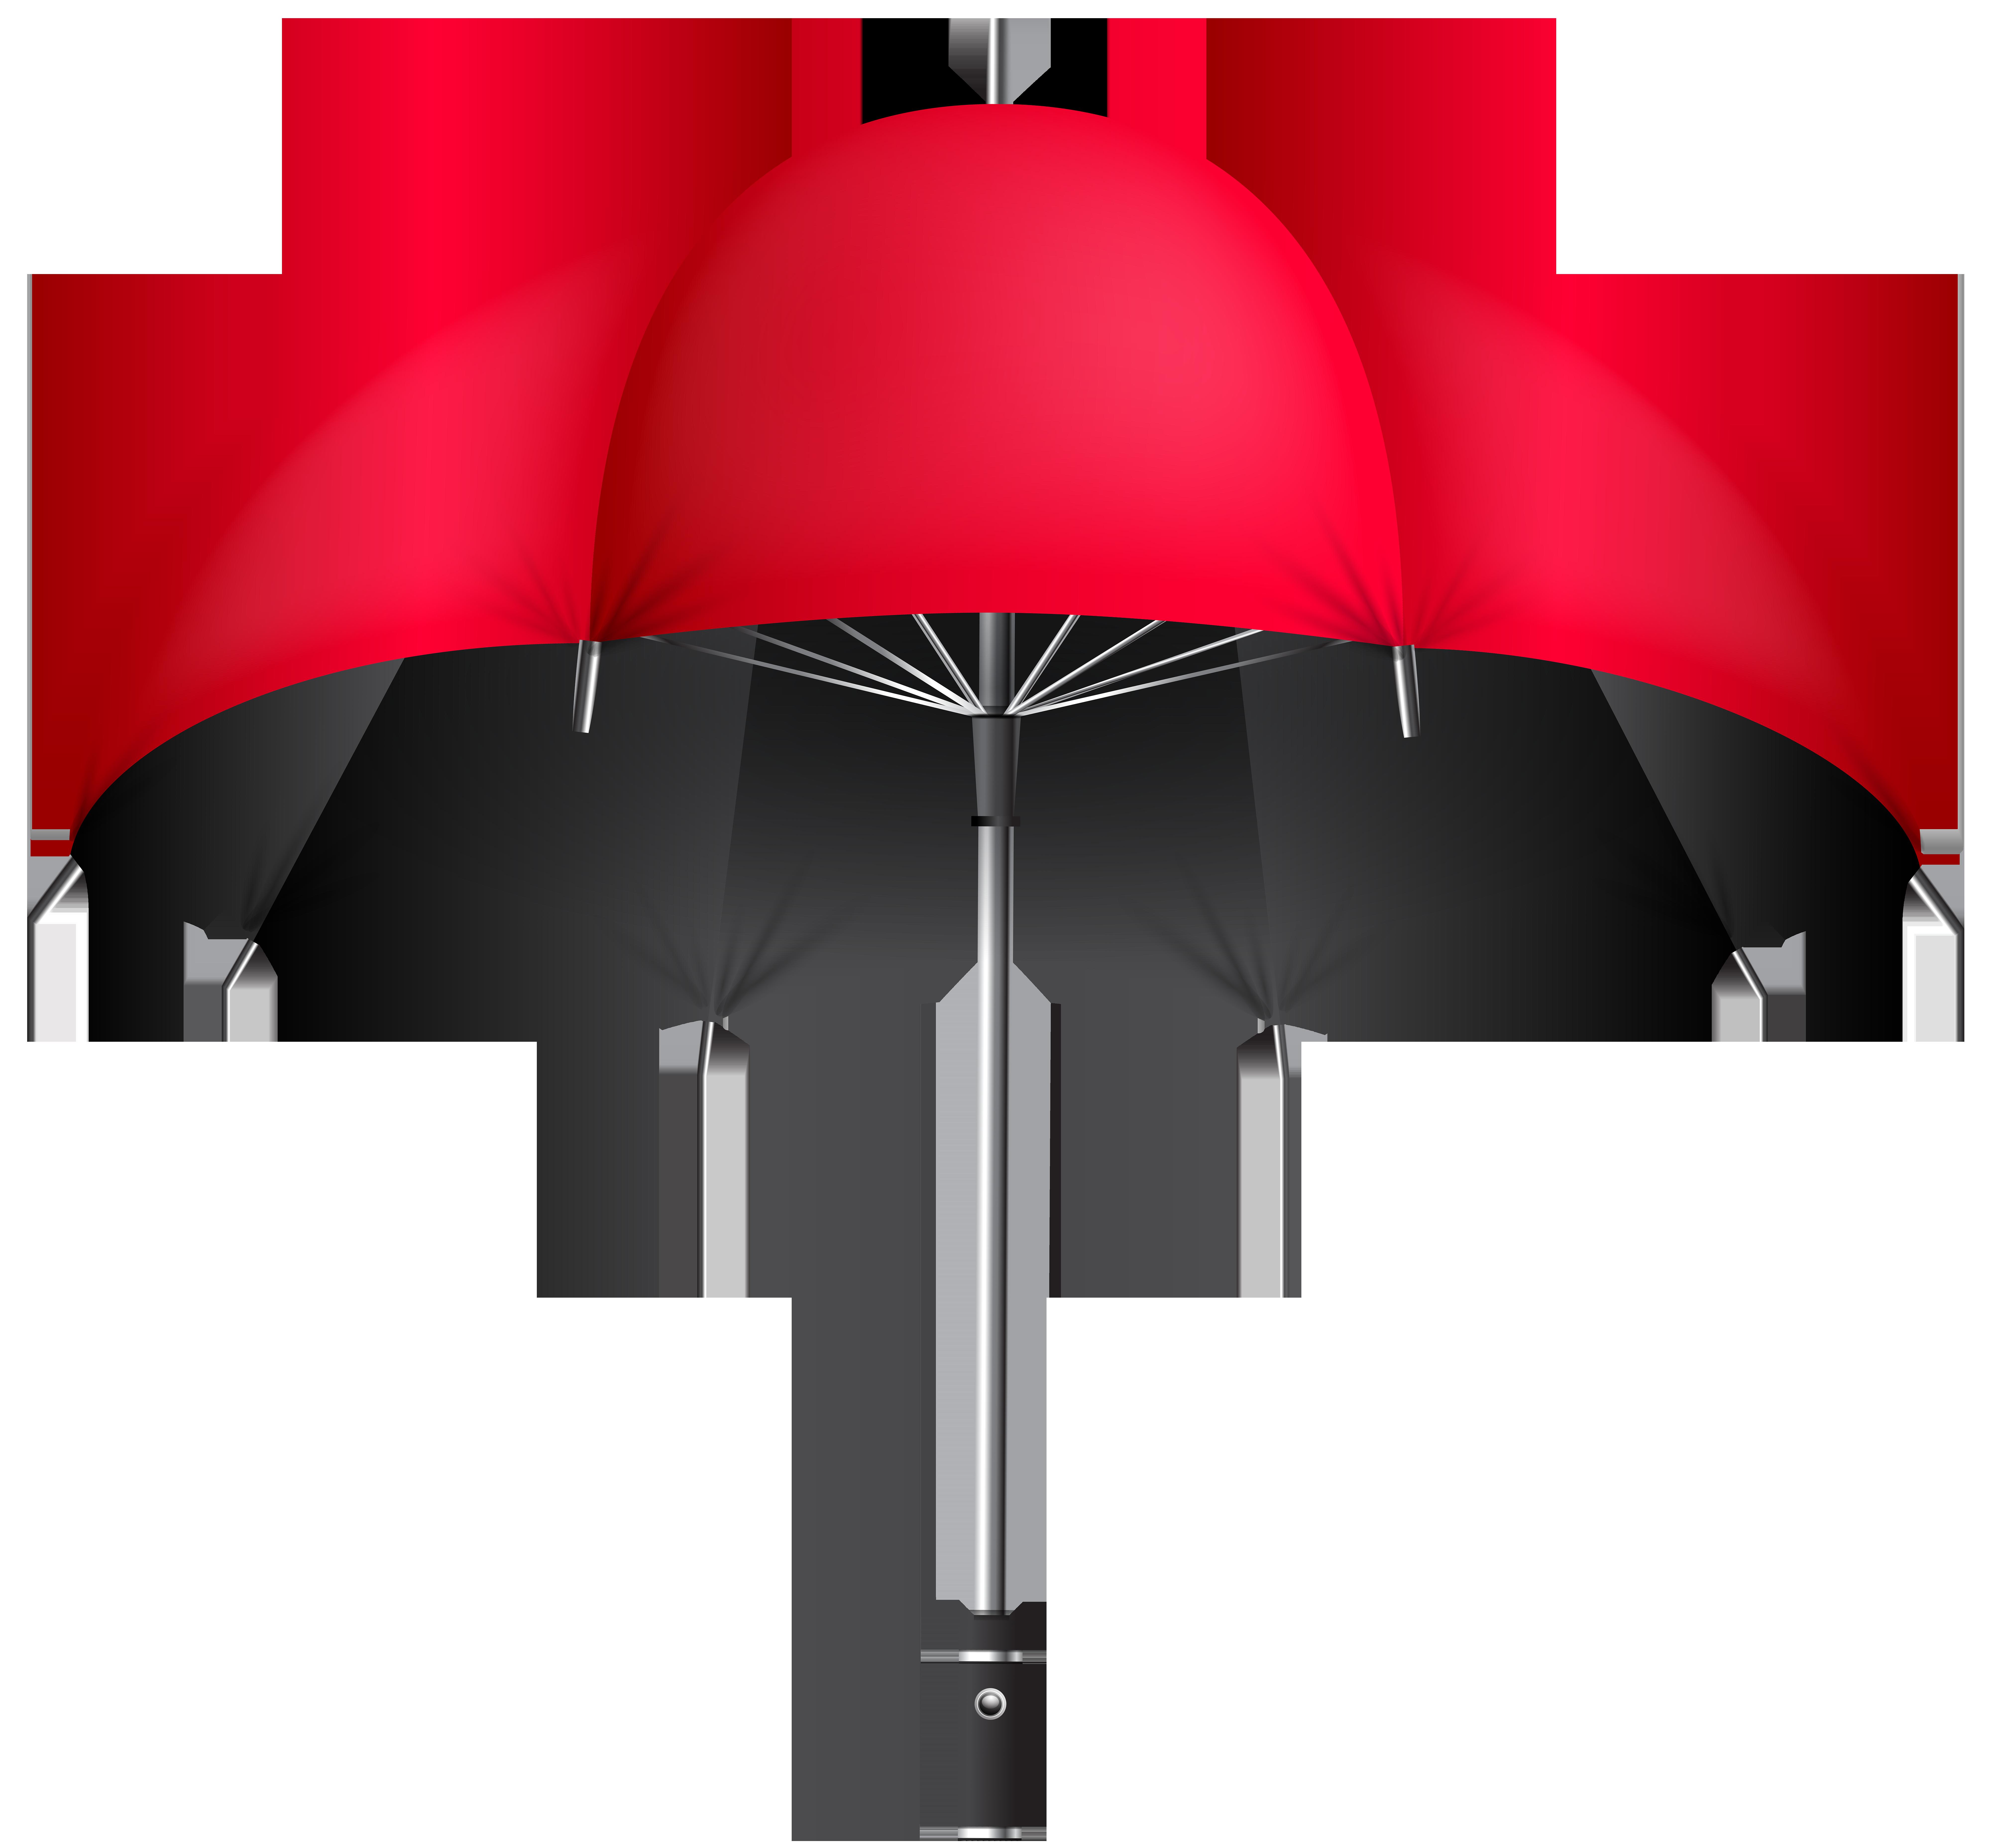 Watermelon clipart umbrella. Red transparent png clip